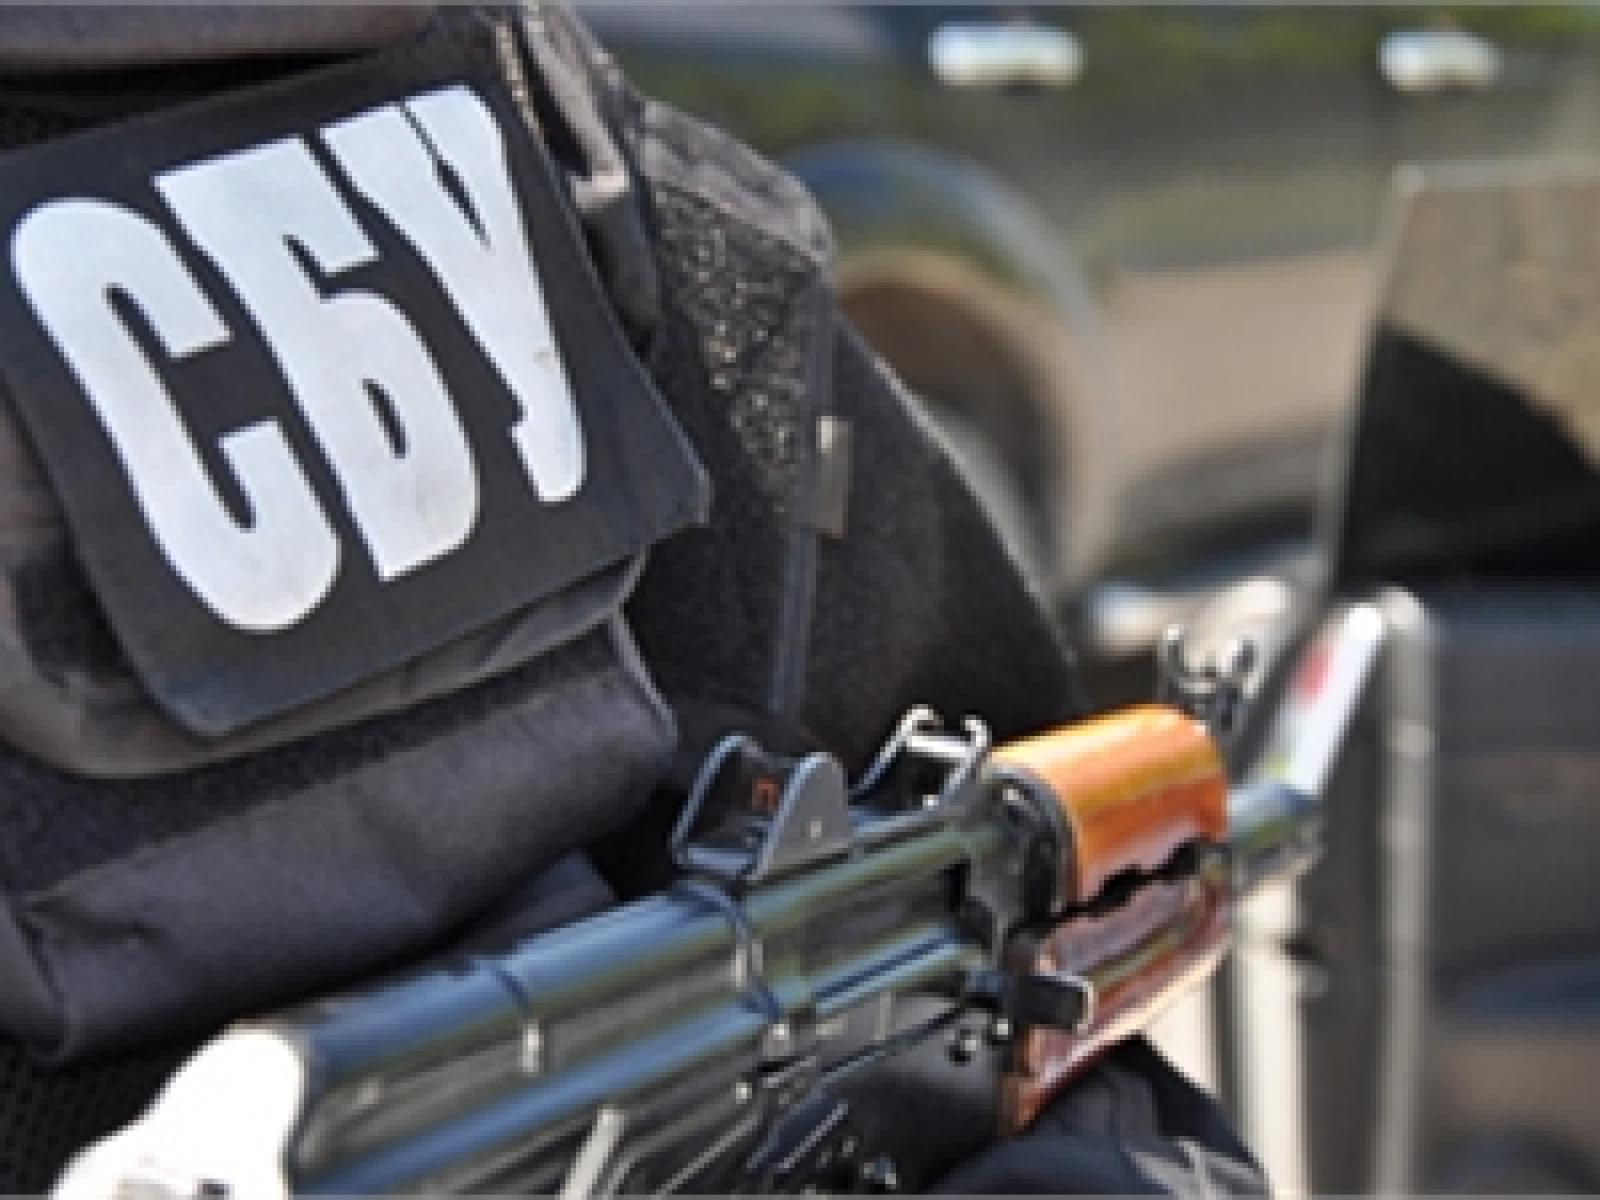 СБУ обнаружила посылку с оружием в Кривом Роге